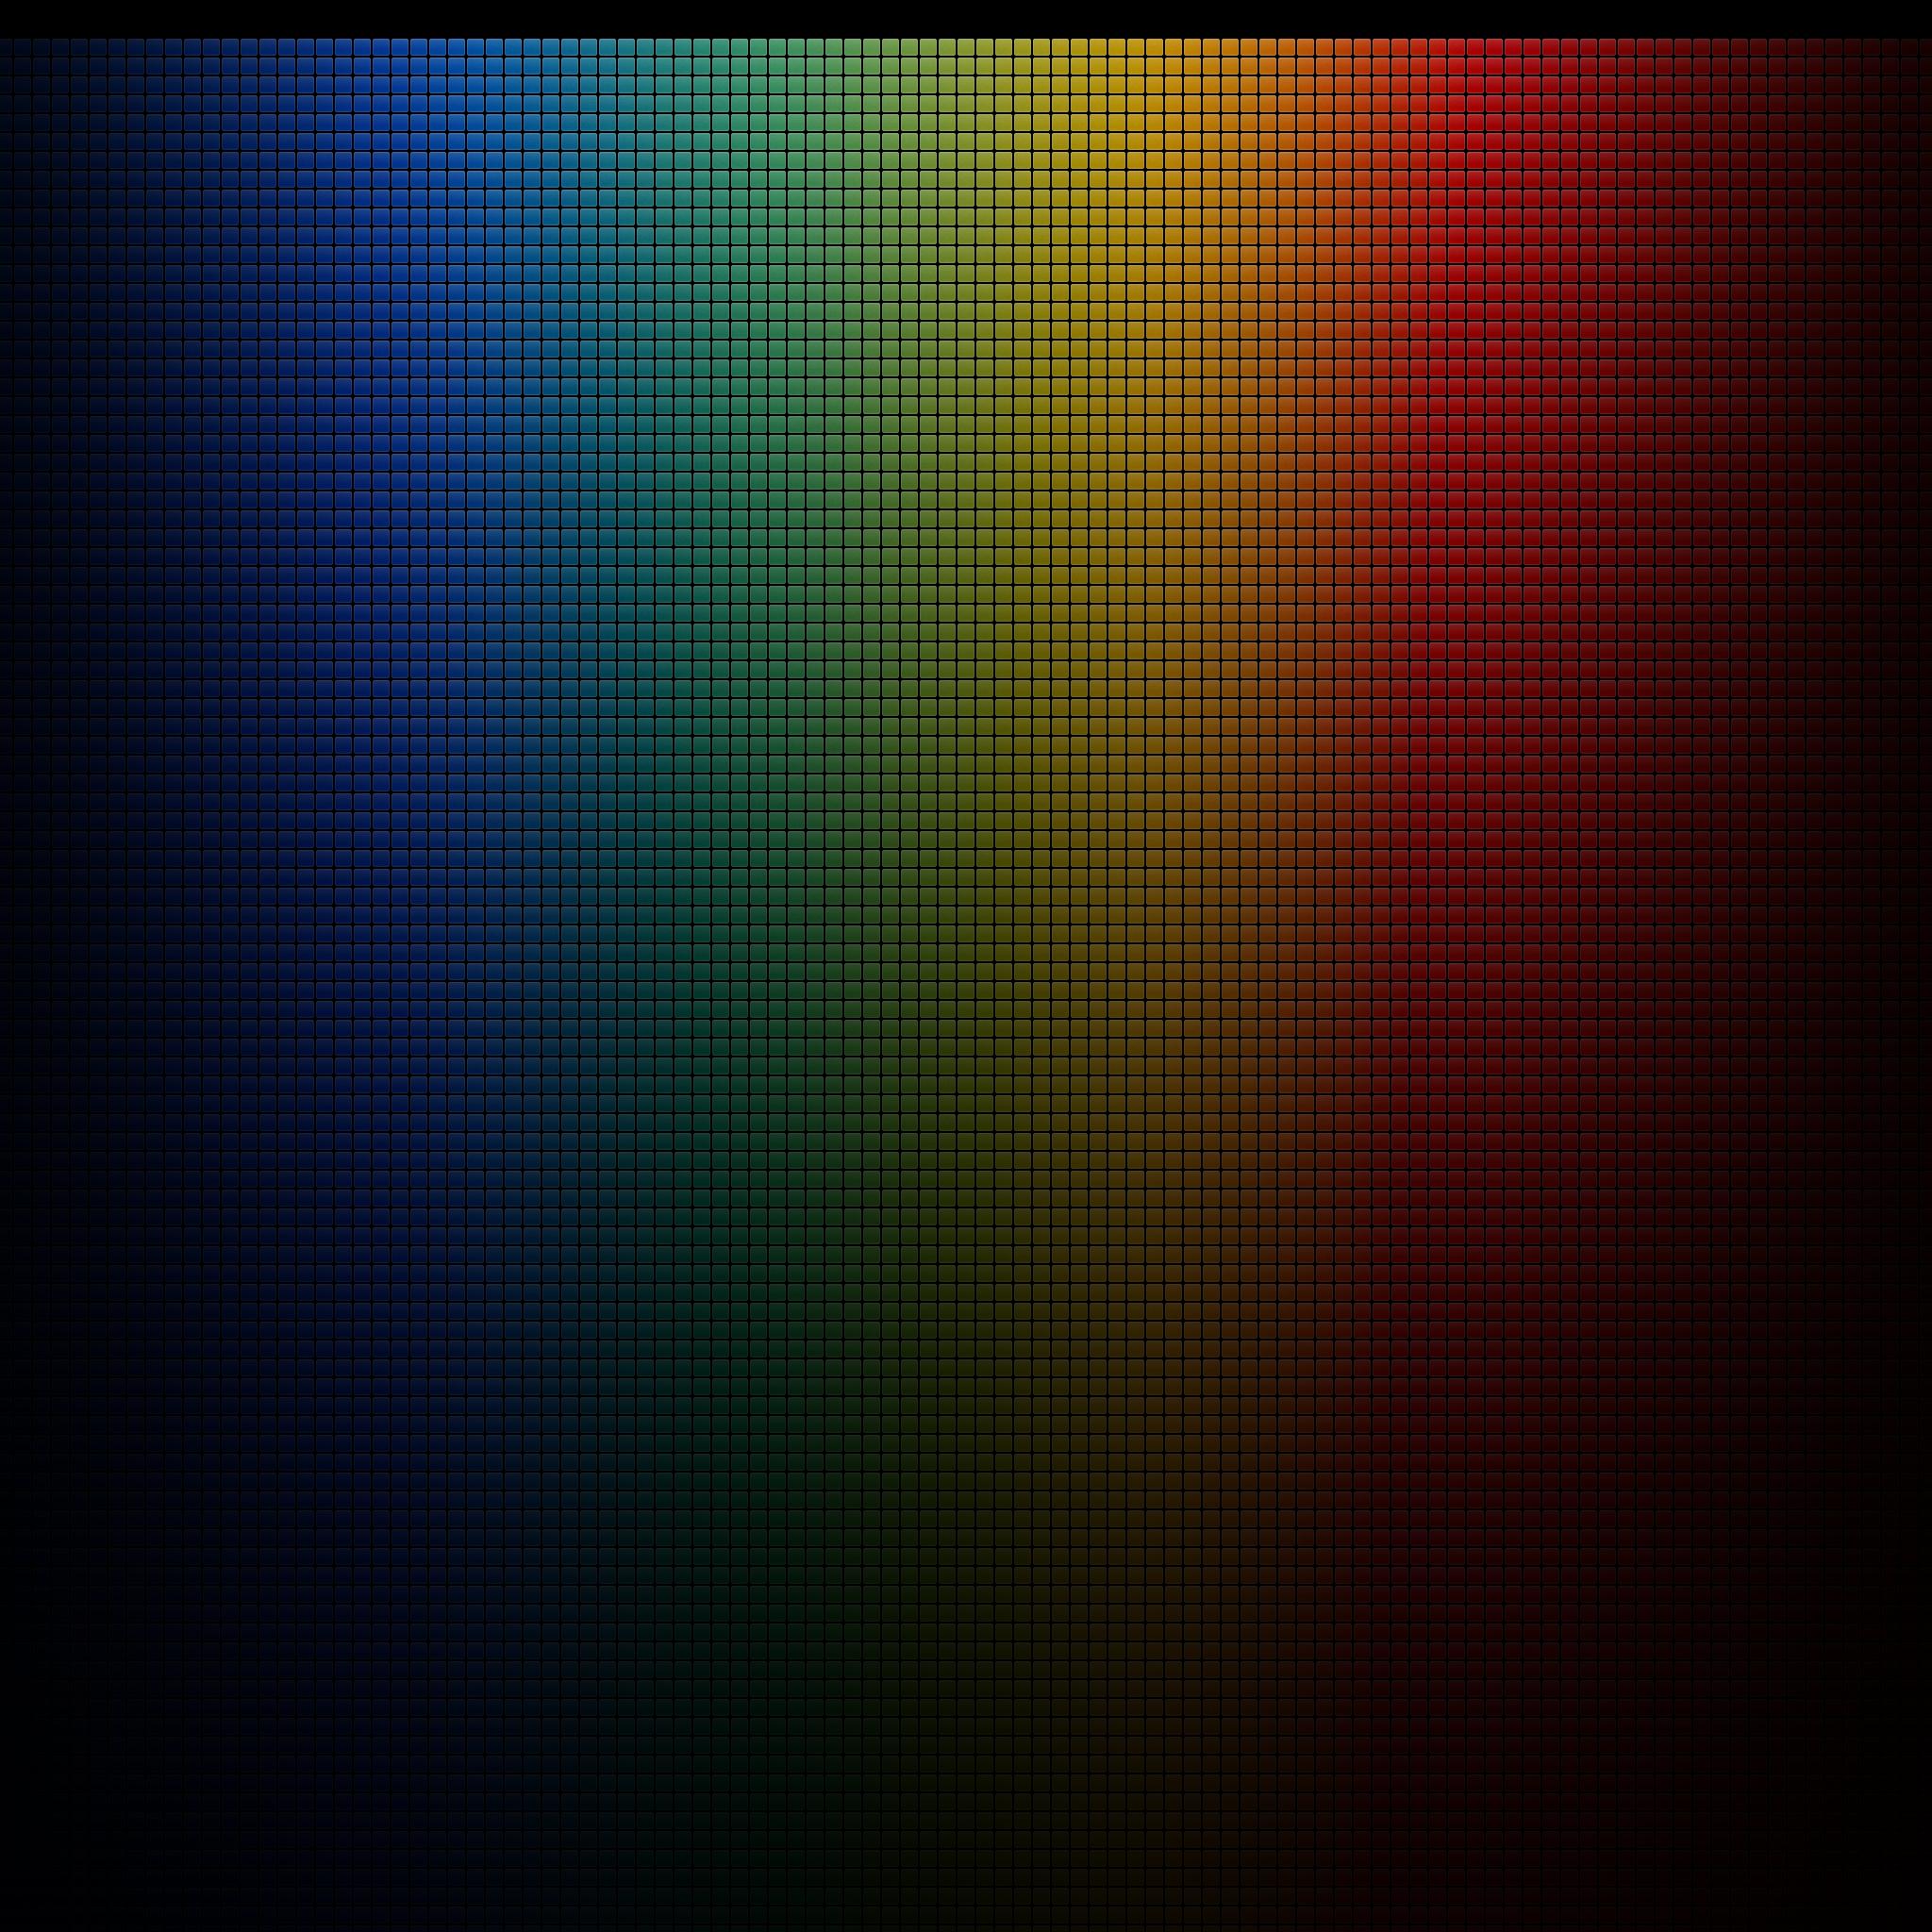 Ipad Mini Wallpapers Retina 2048x2048